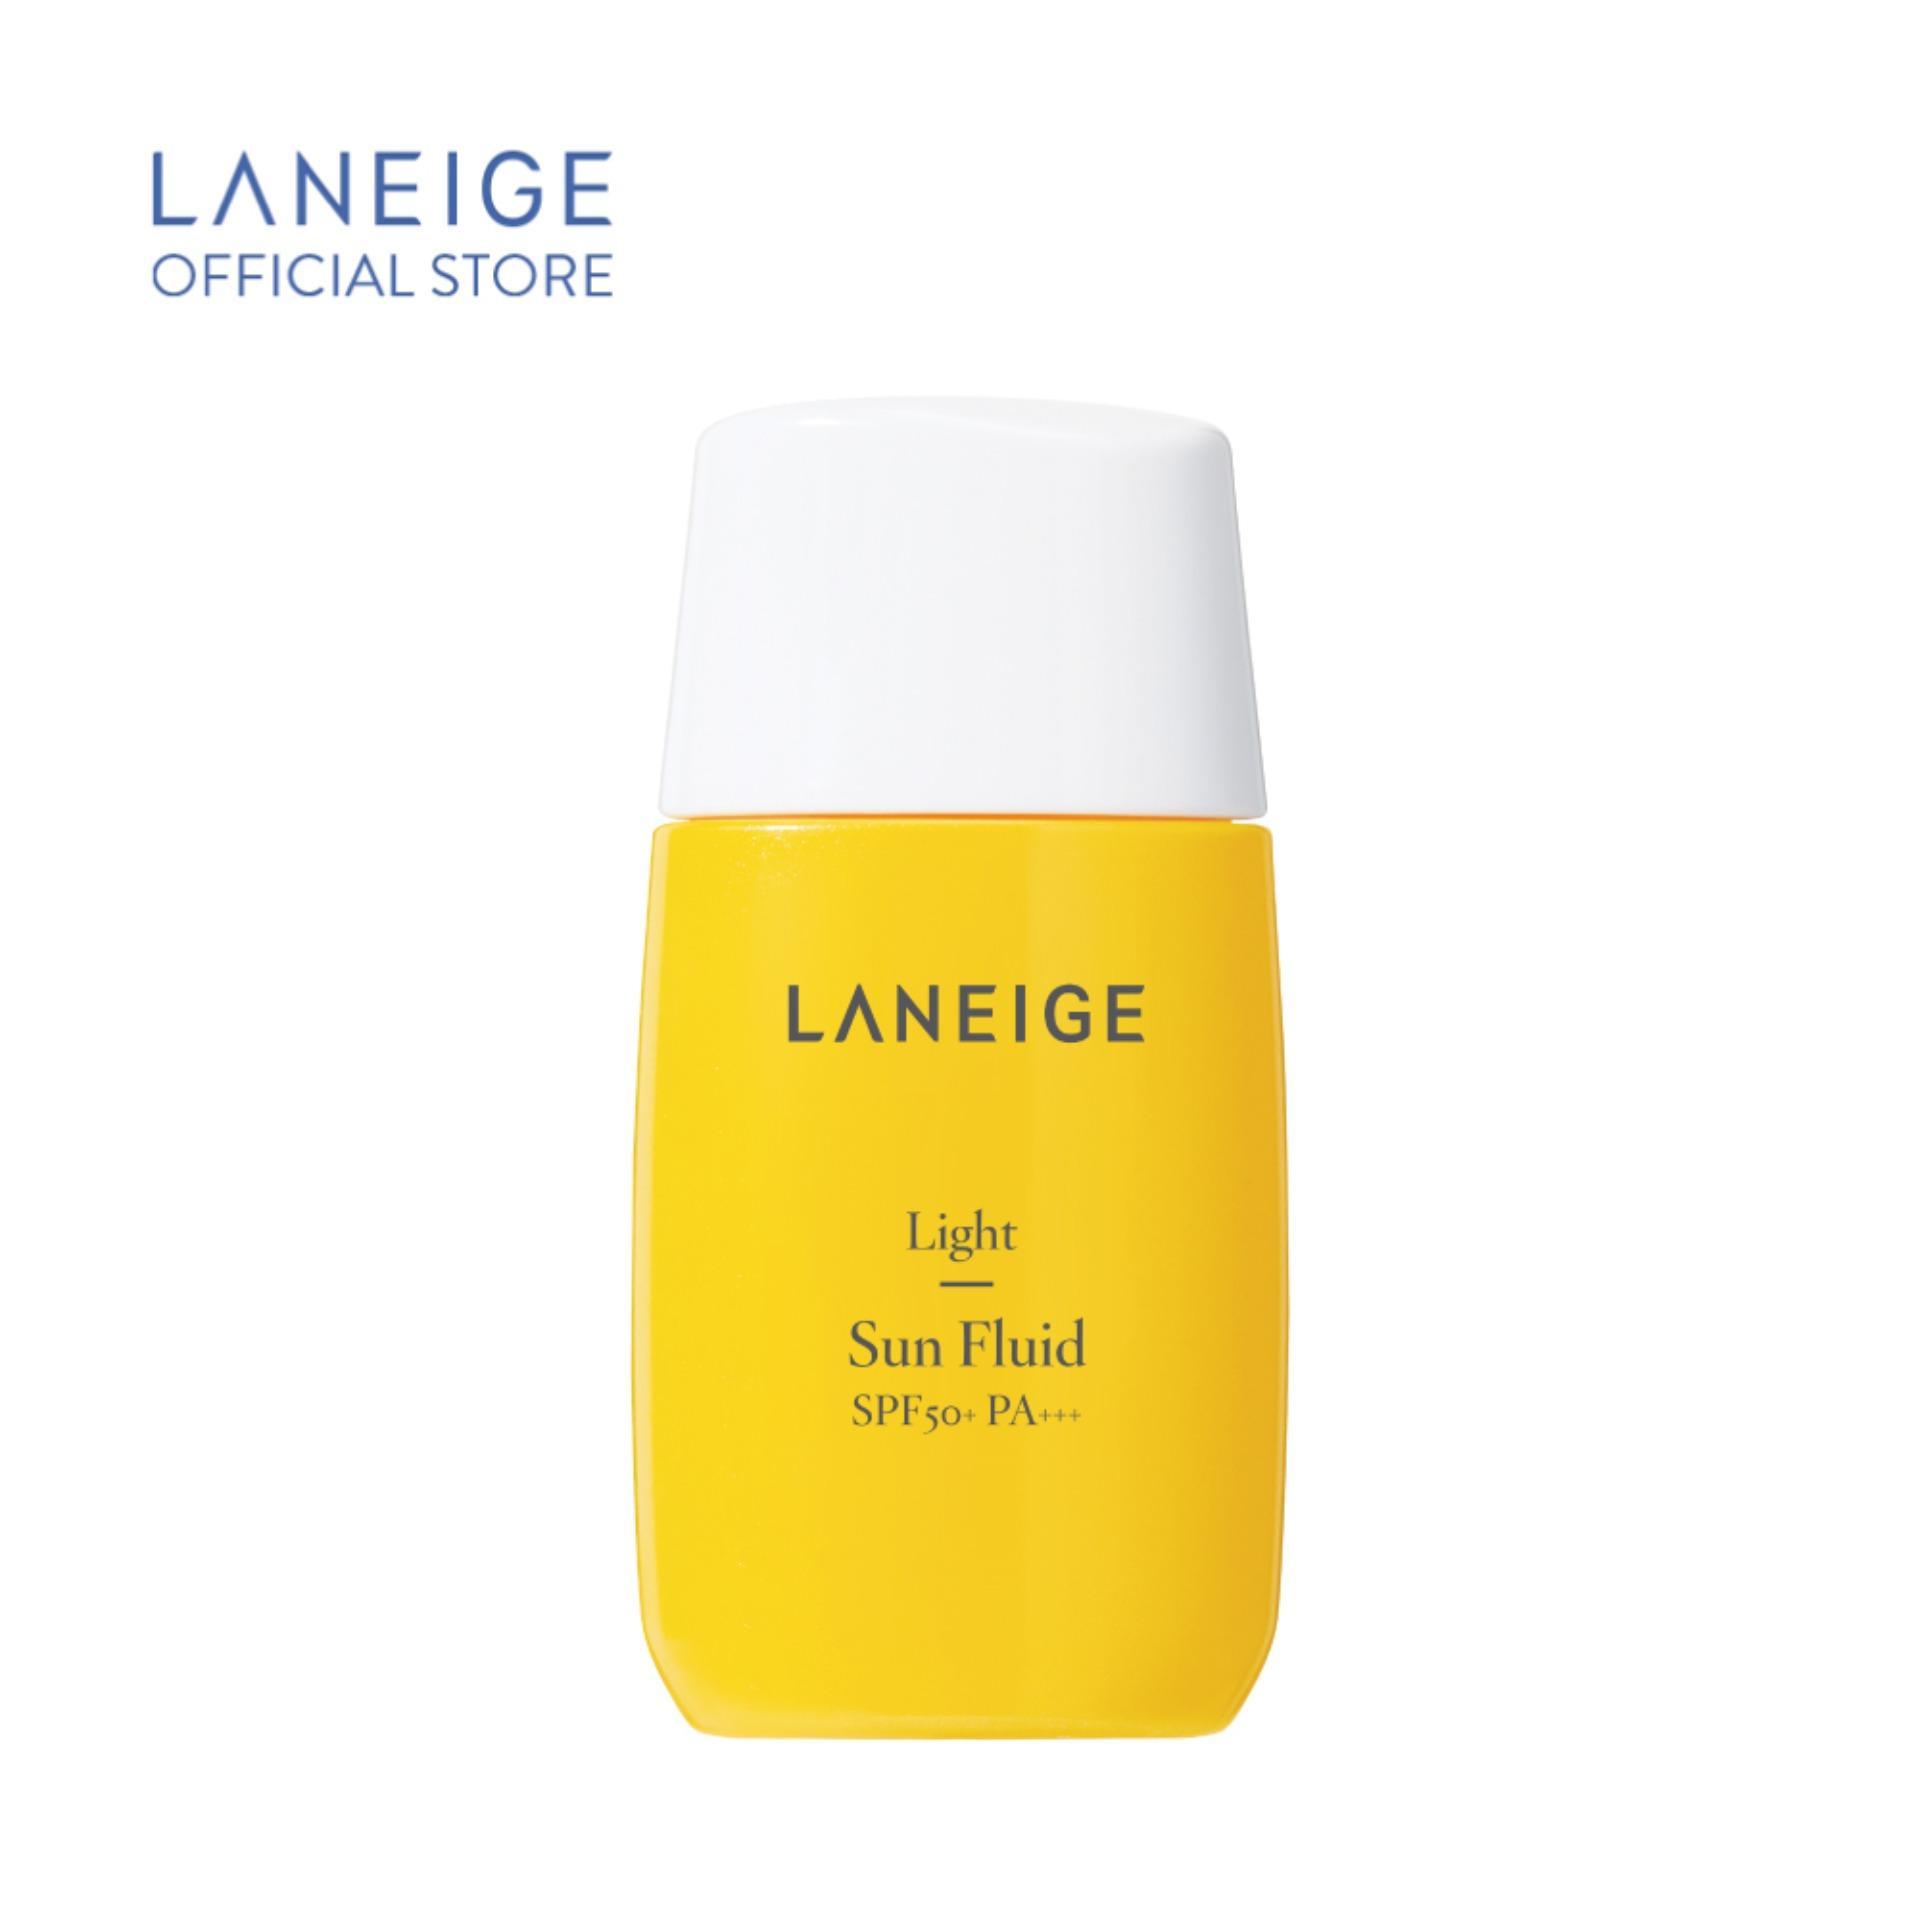 Kem chống nắng cho da dầu và da hỗn hợp Laneige Light Sun Fluid SPF50+ PA+++ 50ml